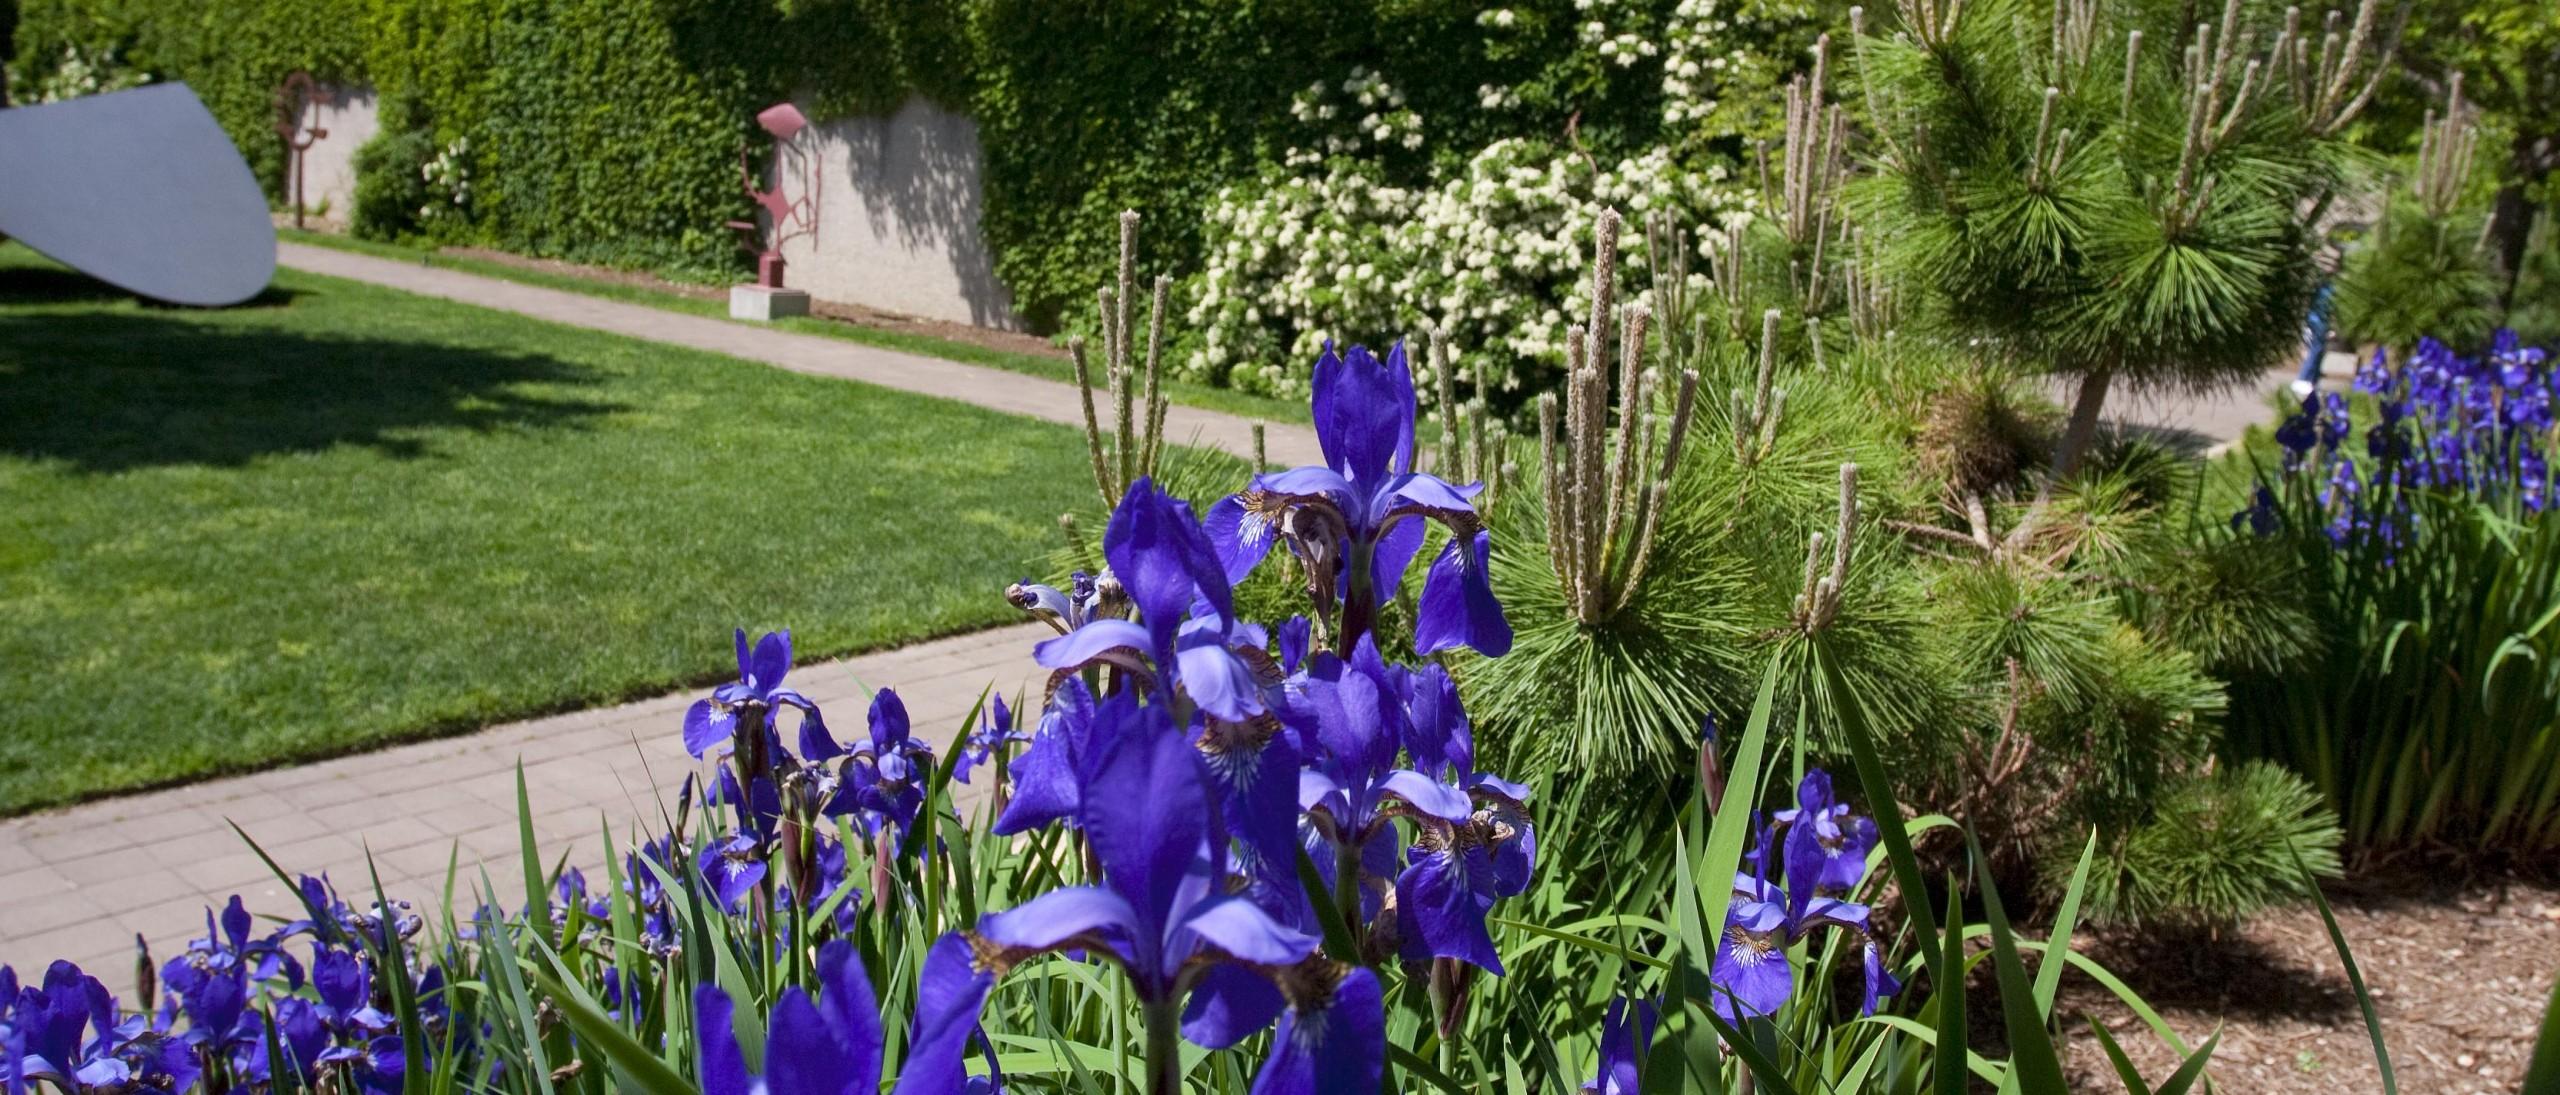 Hirshhorn Garden